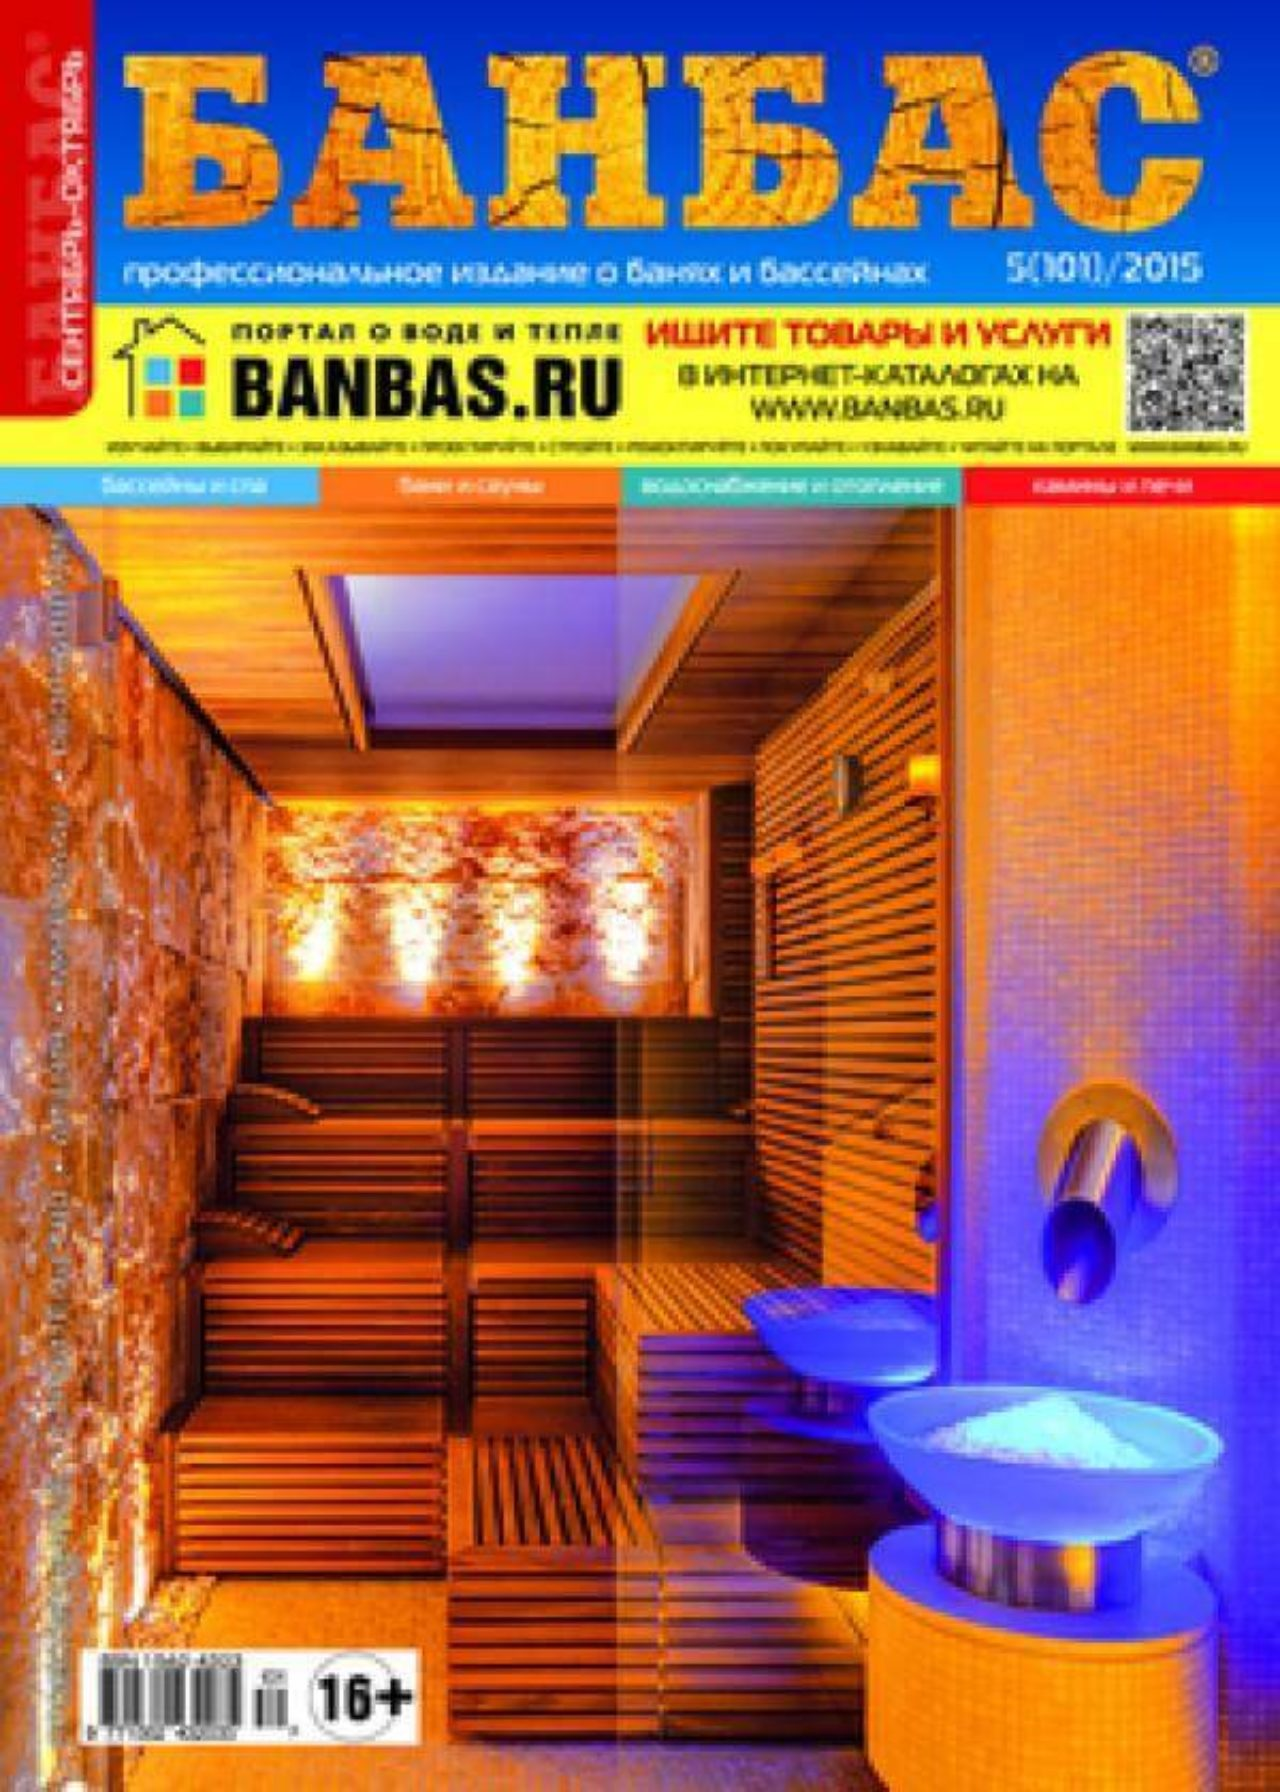 BANBAS 05/2015 | Blog - Microwell